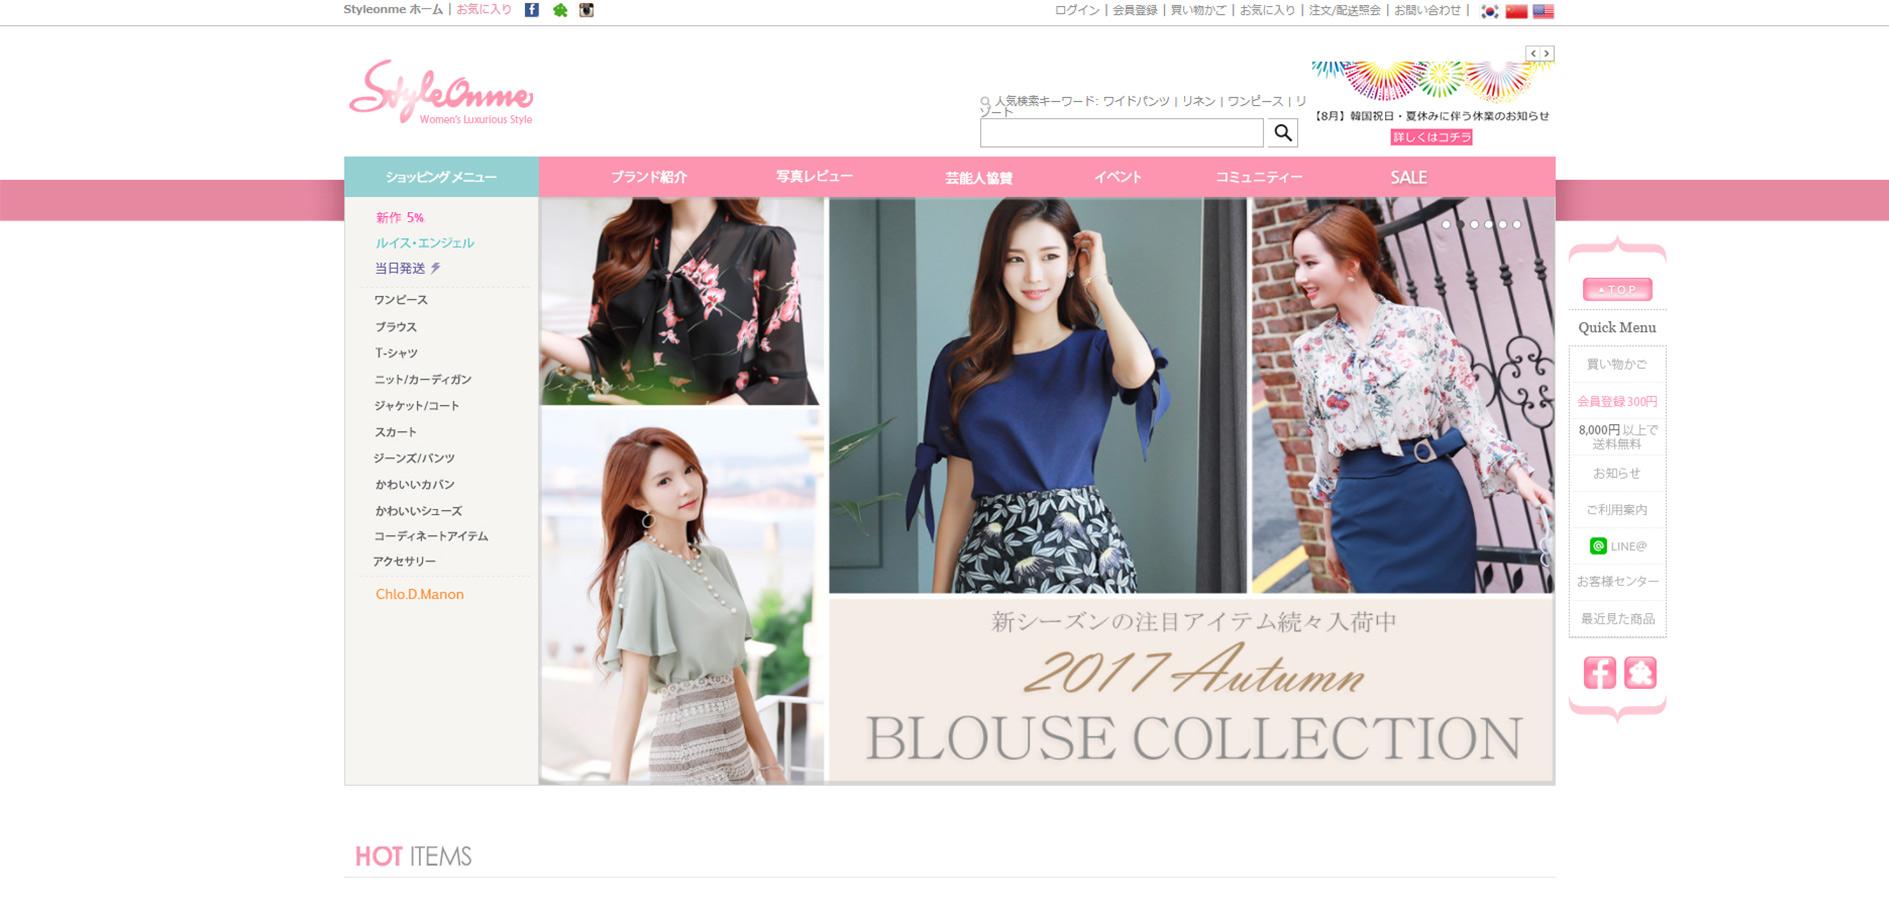 20代におすすめな韓国ファッション通販サイトのSTYLEONME(スタイルオンミ)